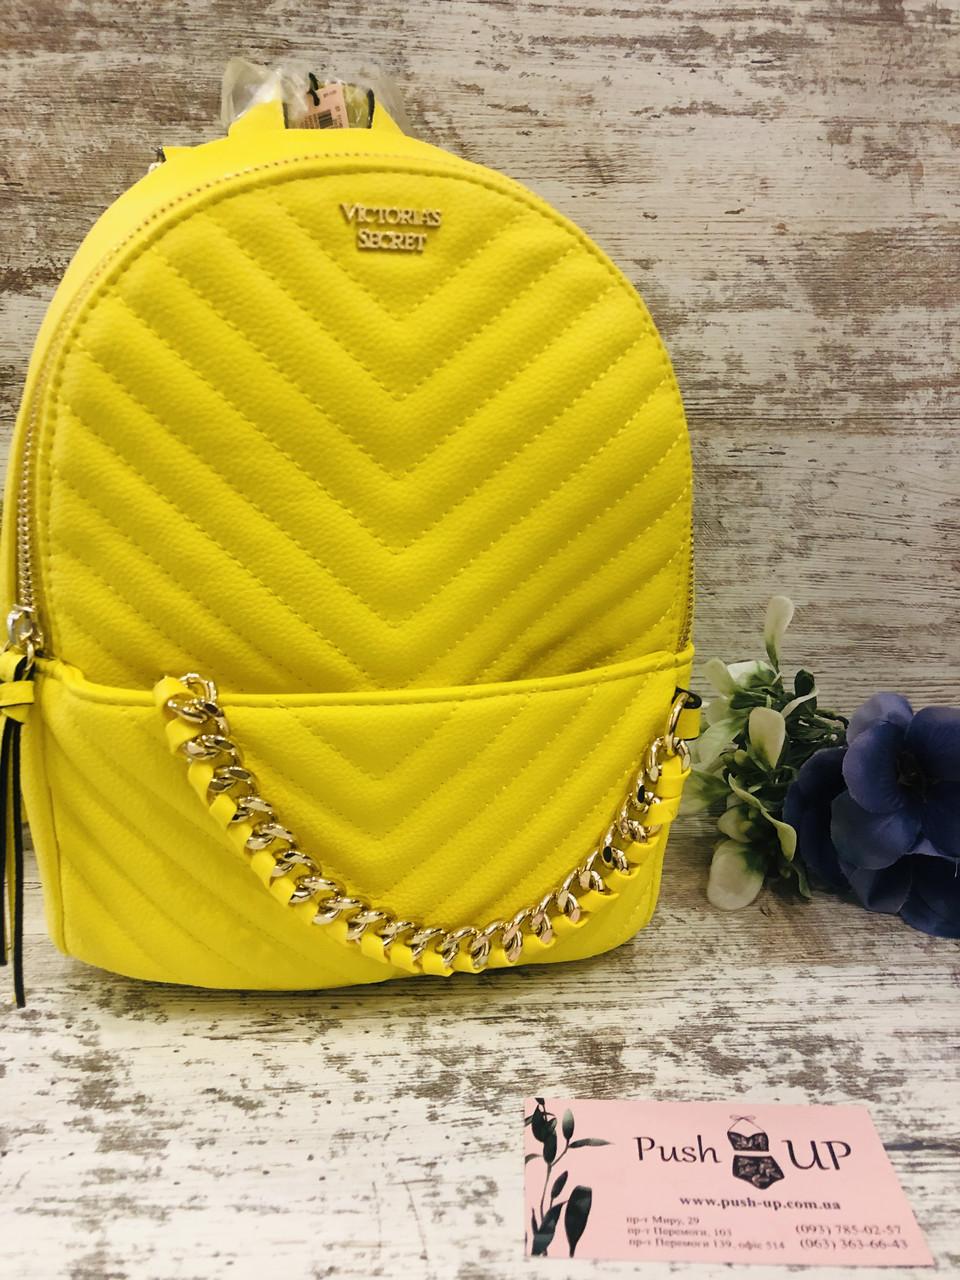 Мини рюкзак Victoria Secret, оригинал!